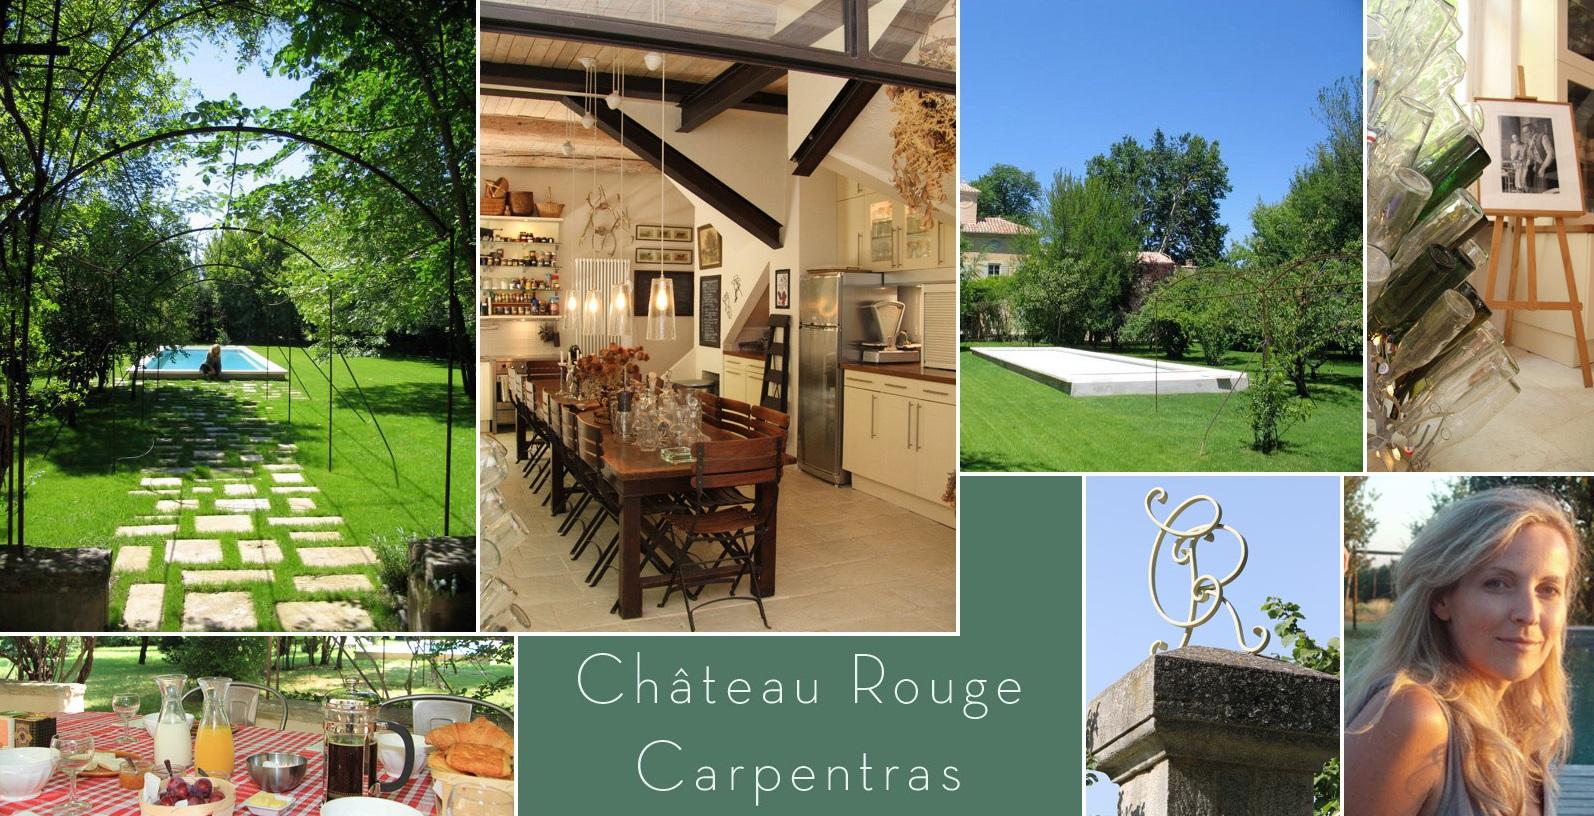 Location d'une maison d'hôtes à Carpentras02